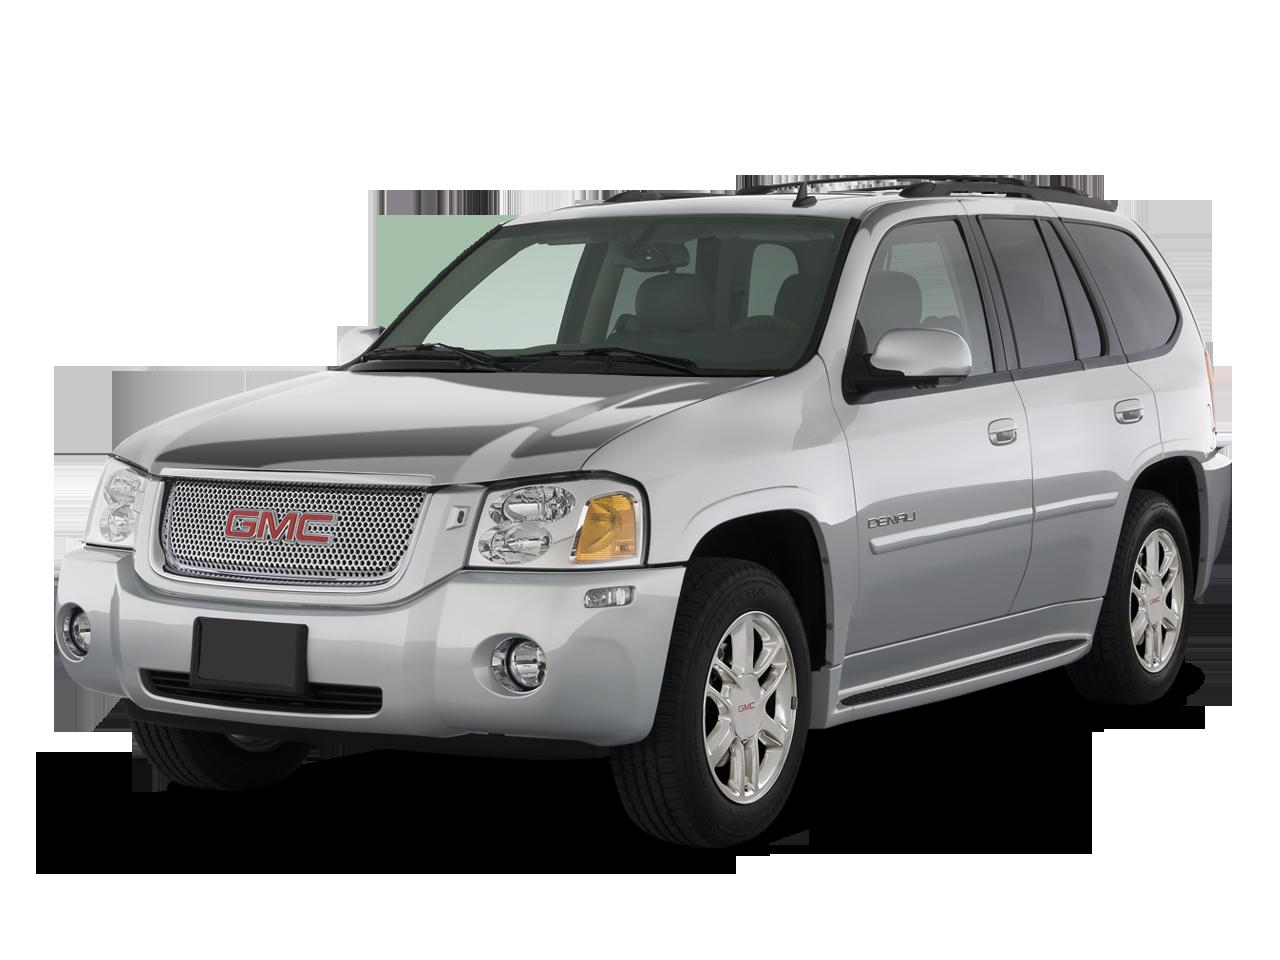 GMC Envoy II(GMT360) 2001 - 2009 SUV 5 door #6